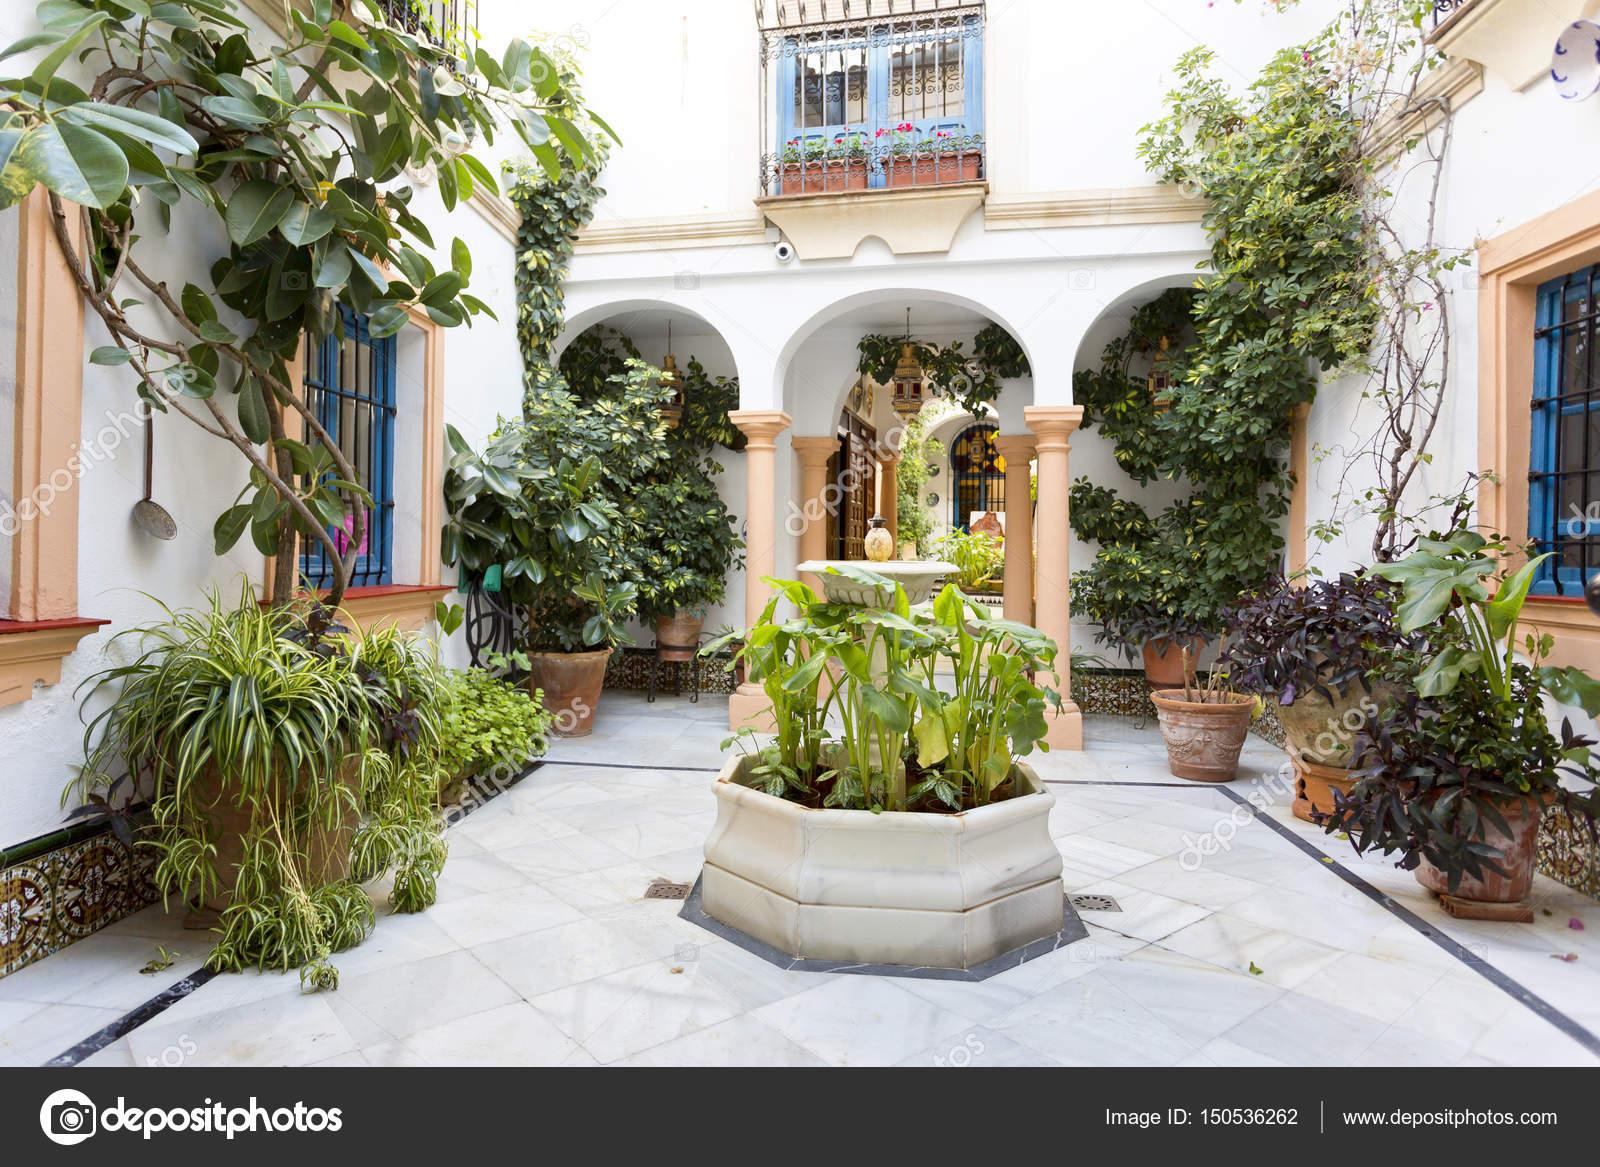 Fotos patios andaluces t pico patio andaluz con fuente - Fotos patio andaluz ...